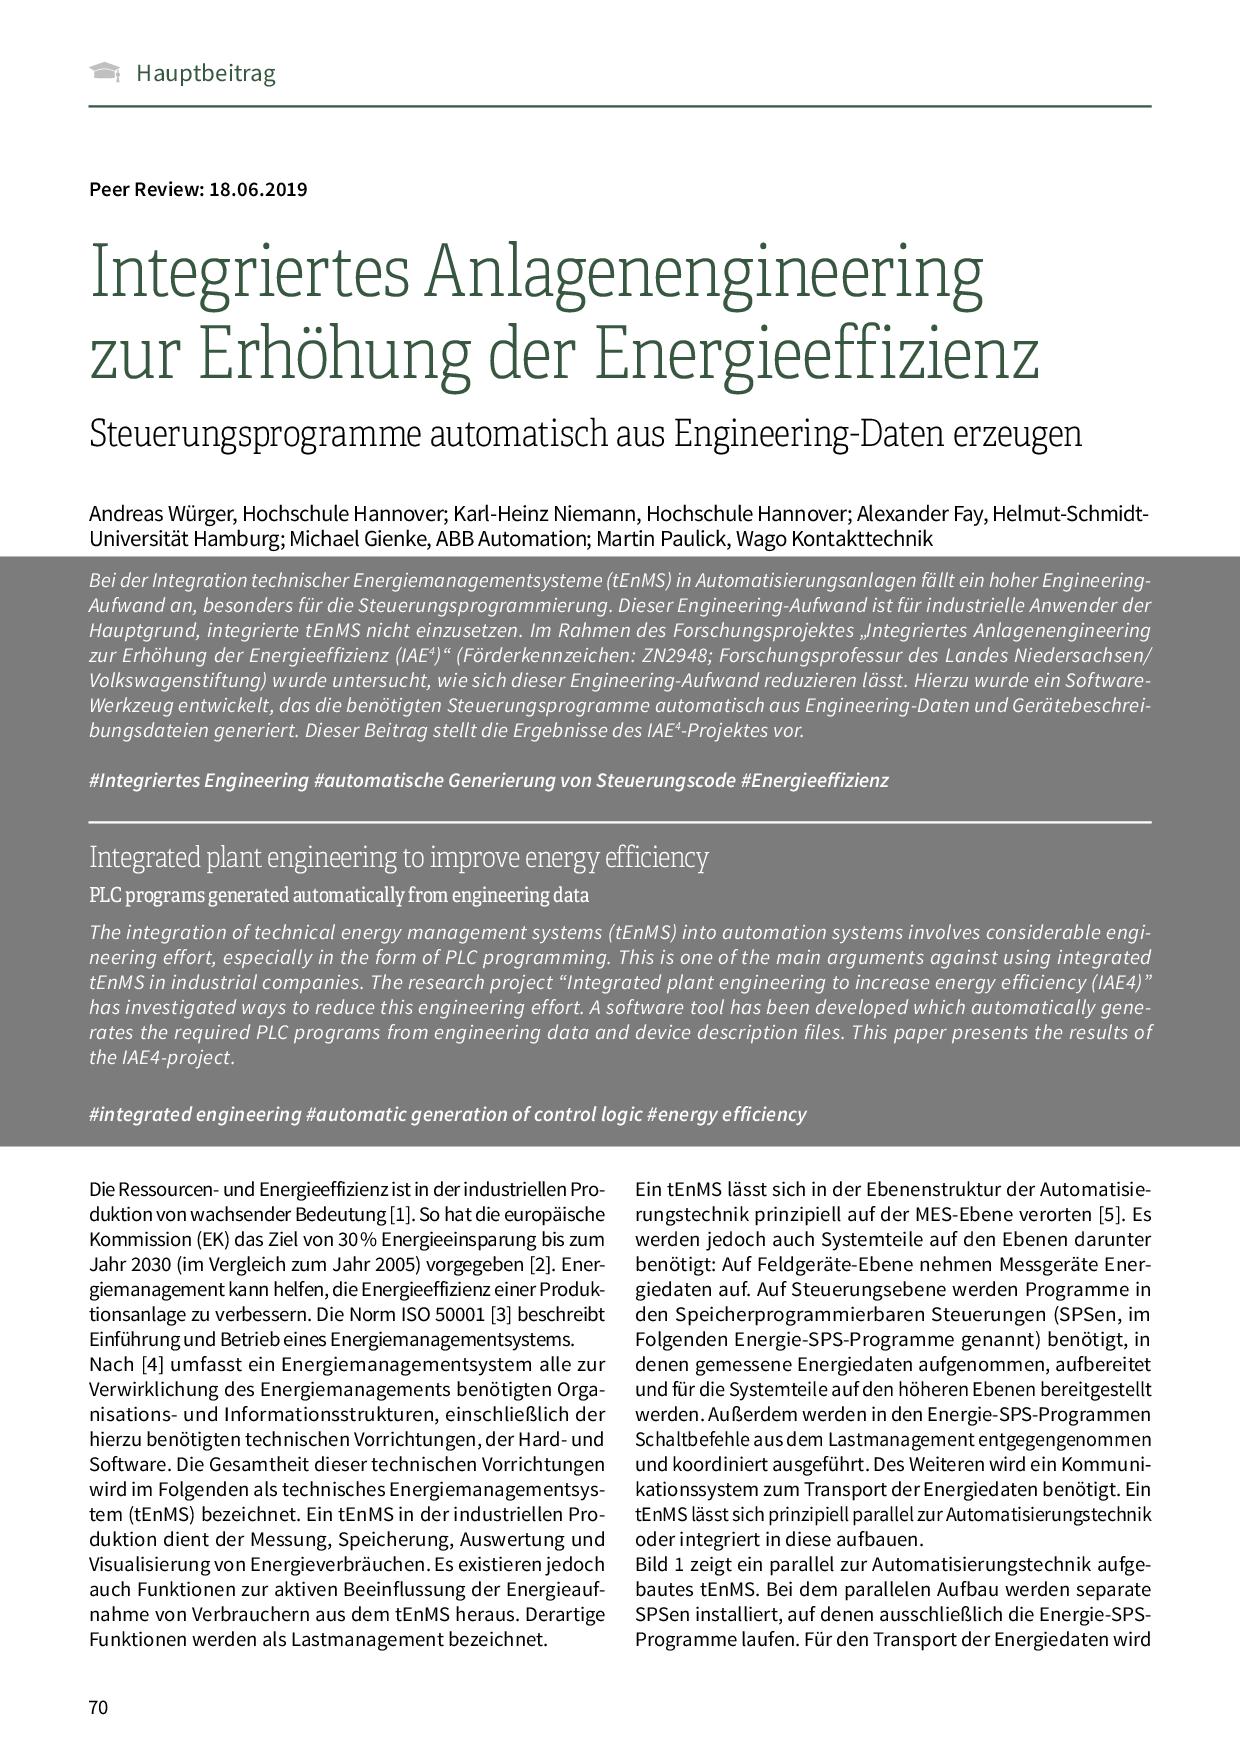 Integriertes Anlagenengineering zur Erhöhung der Energieeffizienz